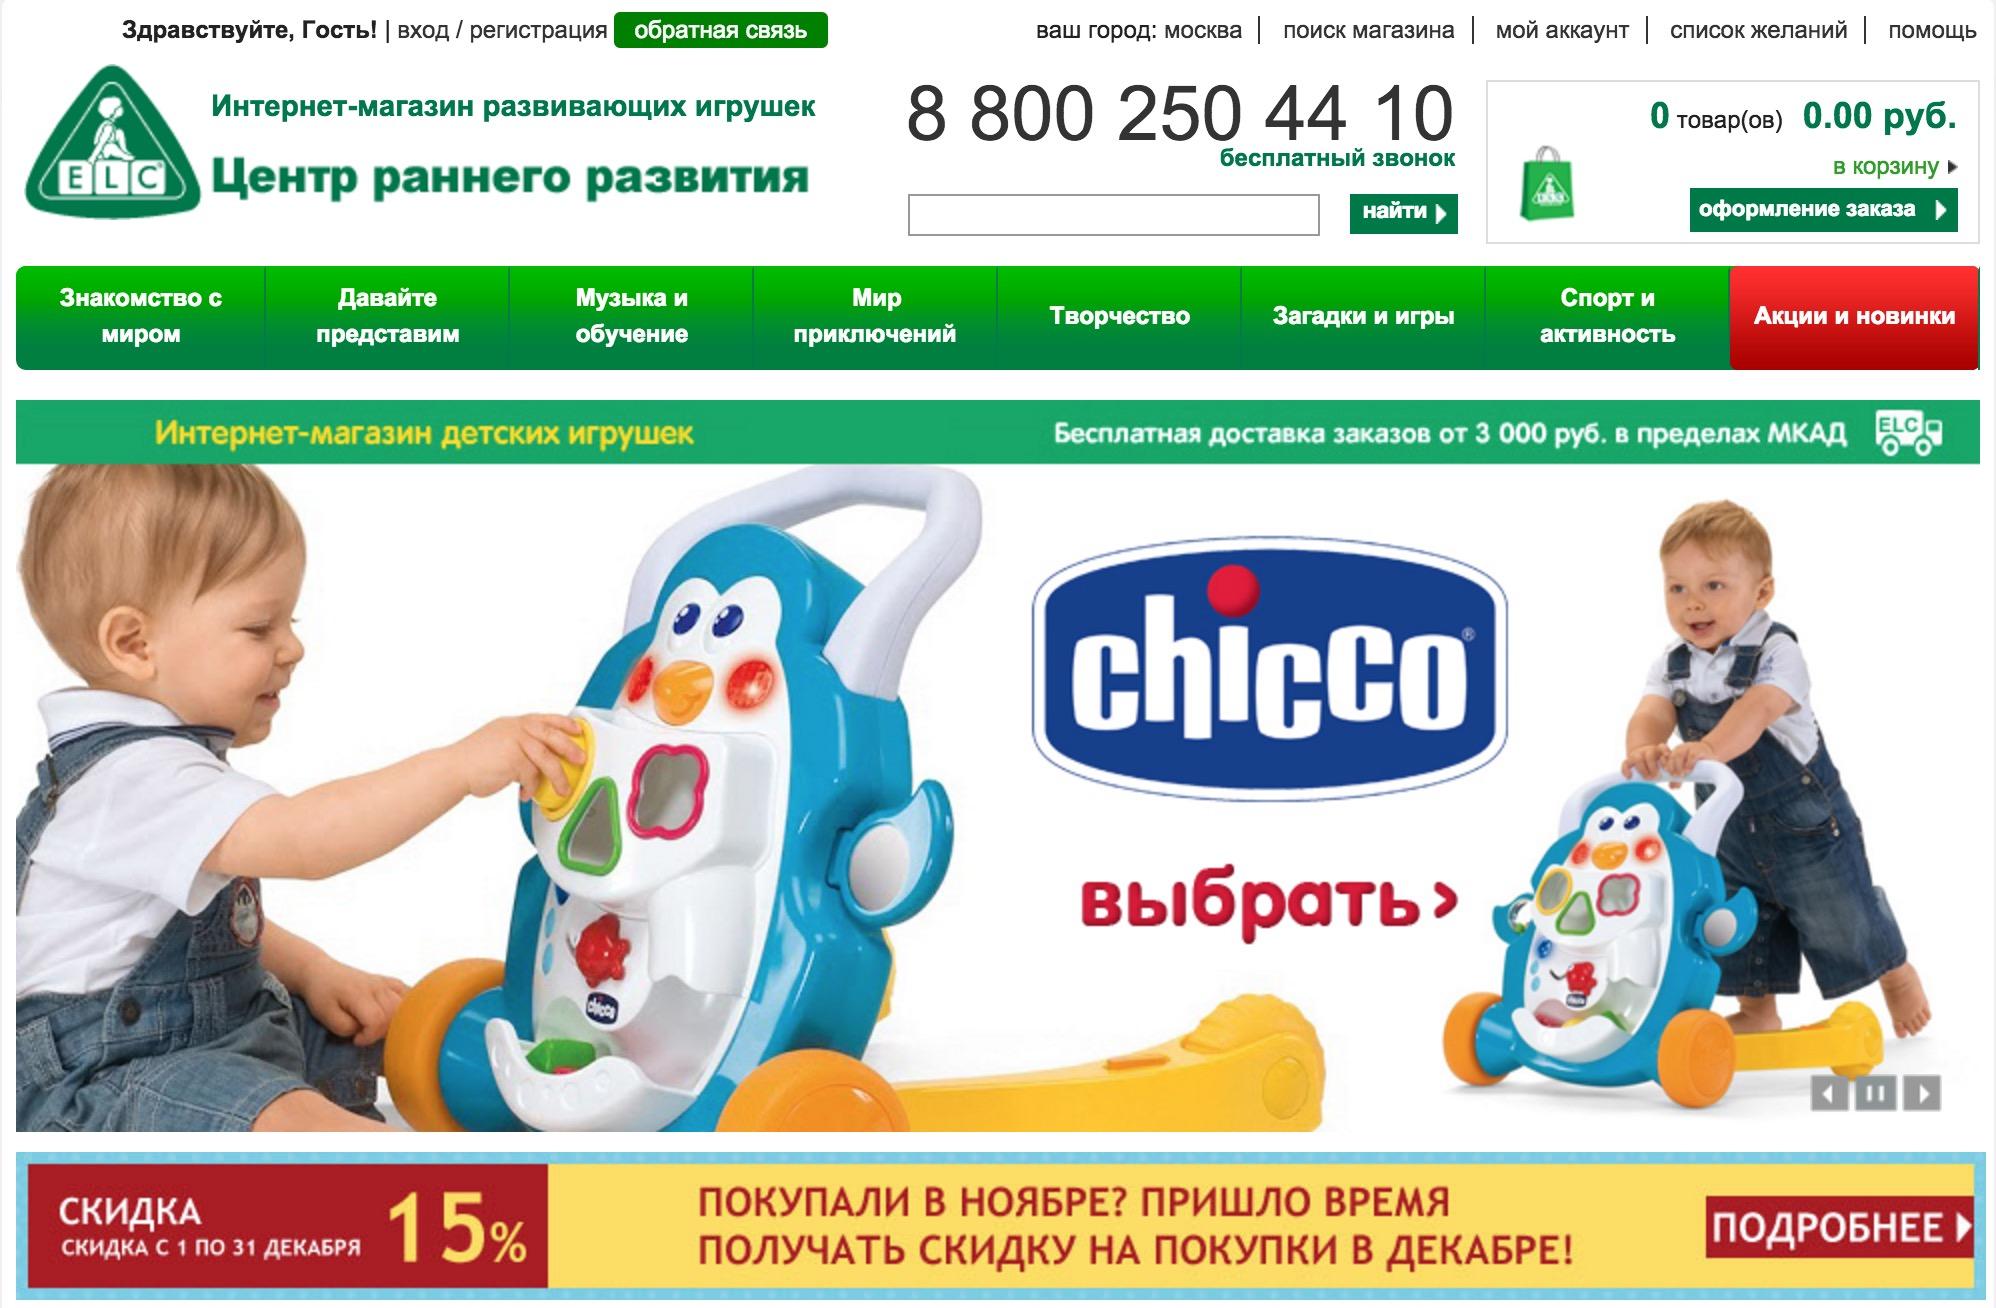 Детский Мир Интернет Магазин Москва Скидки Elc